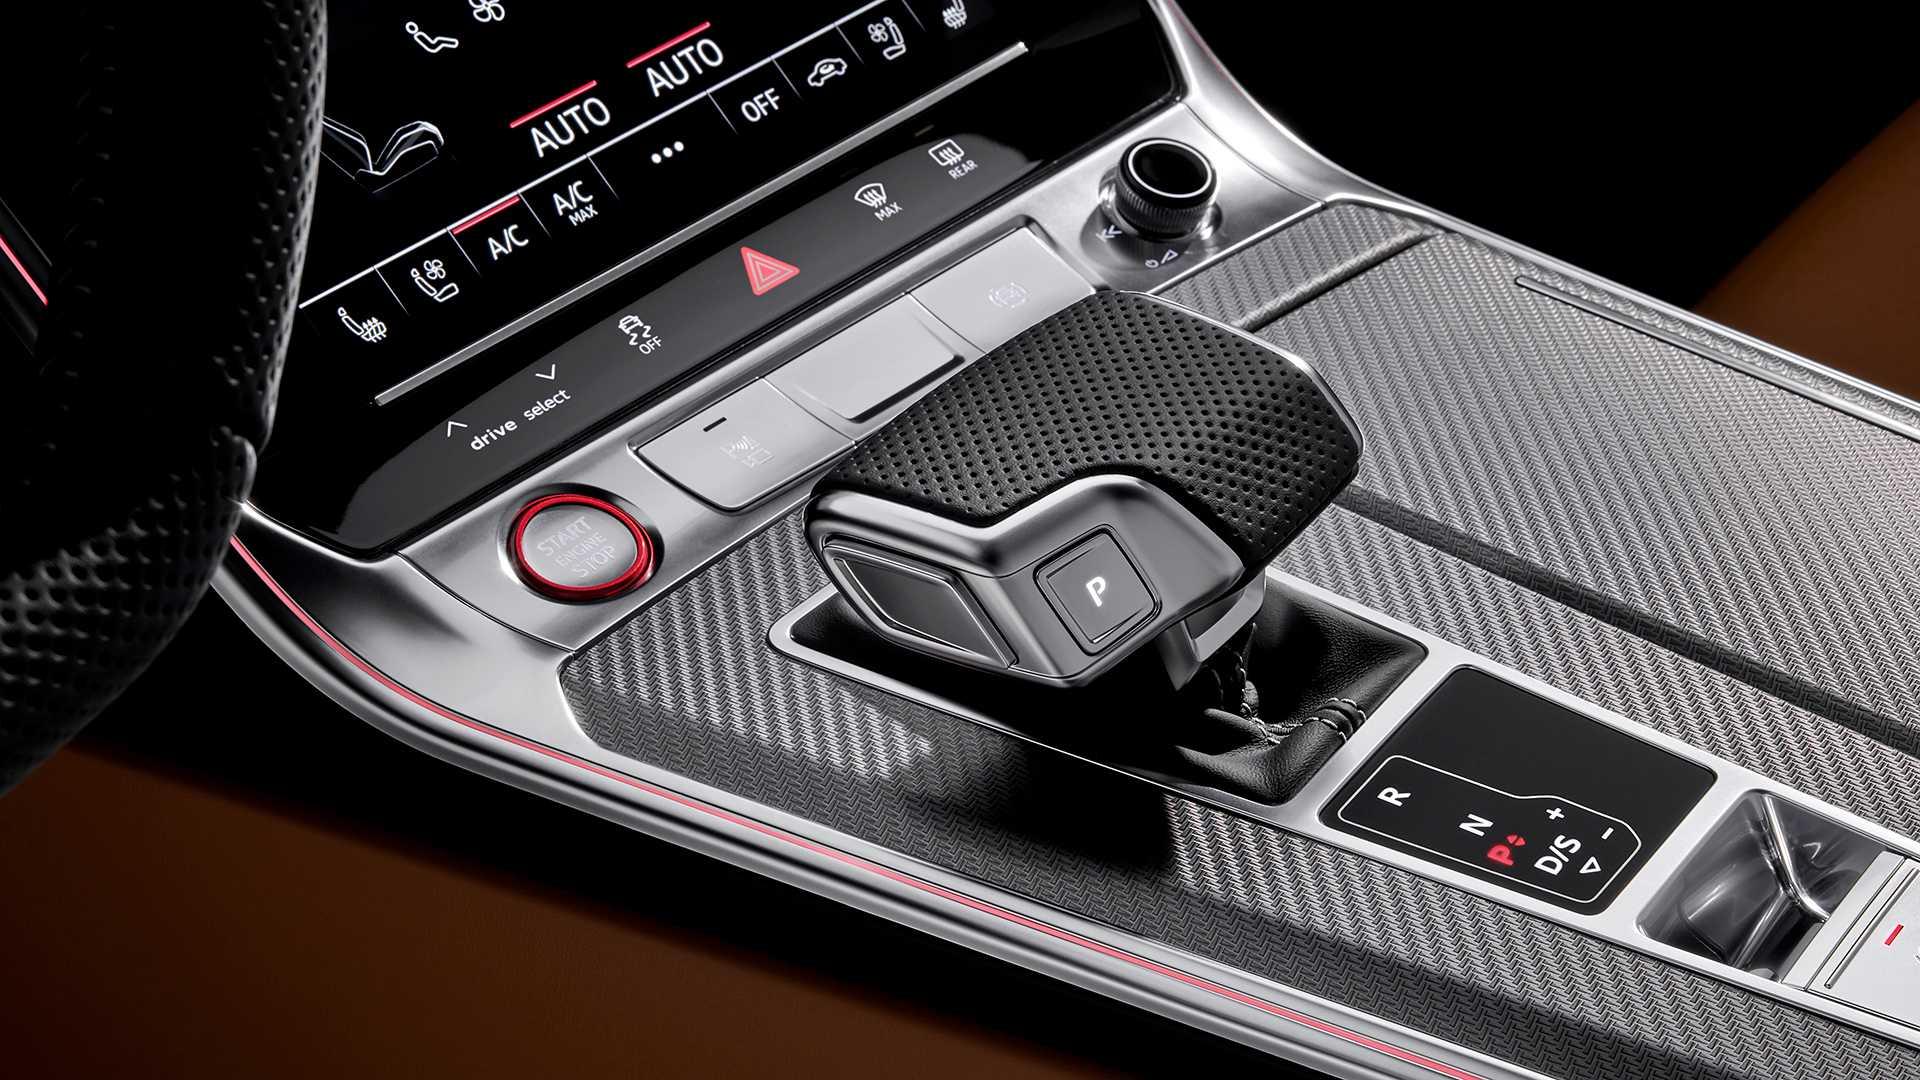 Audi RS6 Avant lần đầu ra mắt tại Mỹ kỷ niệm 25 năm dòng xe RS của Audi - 16